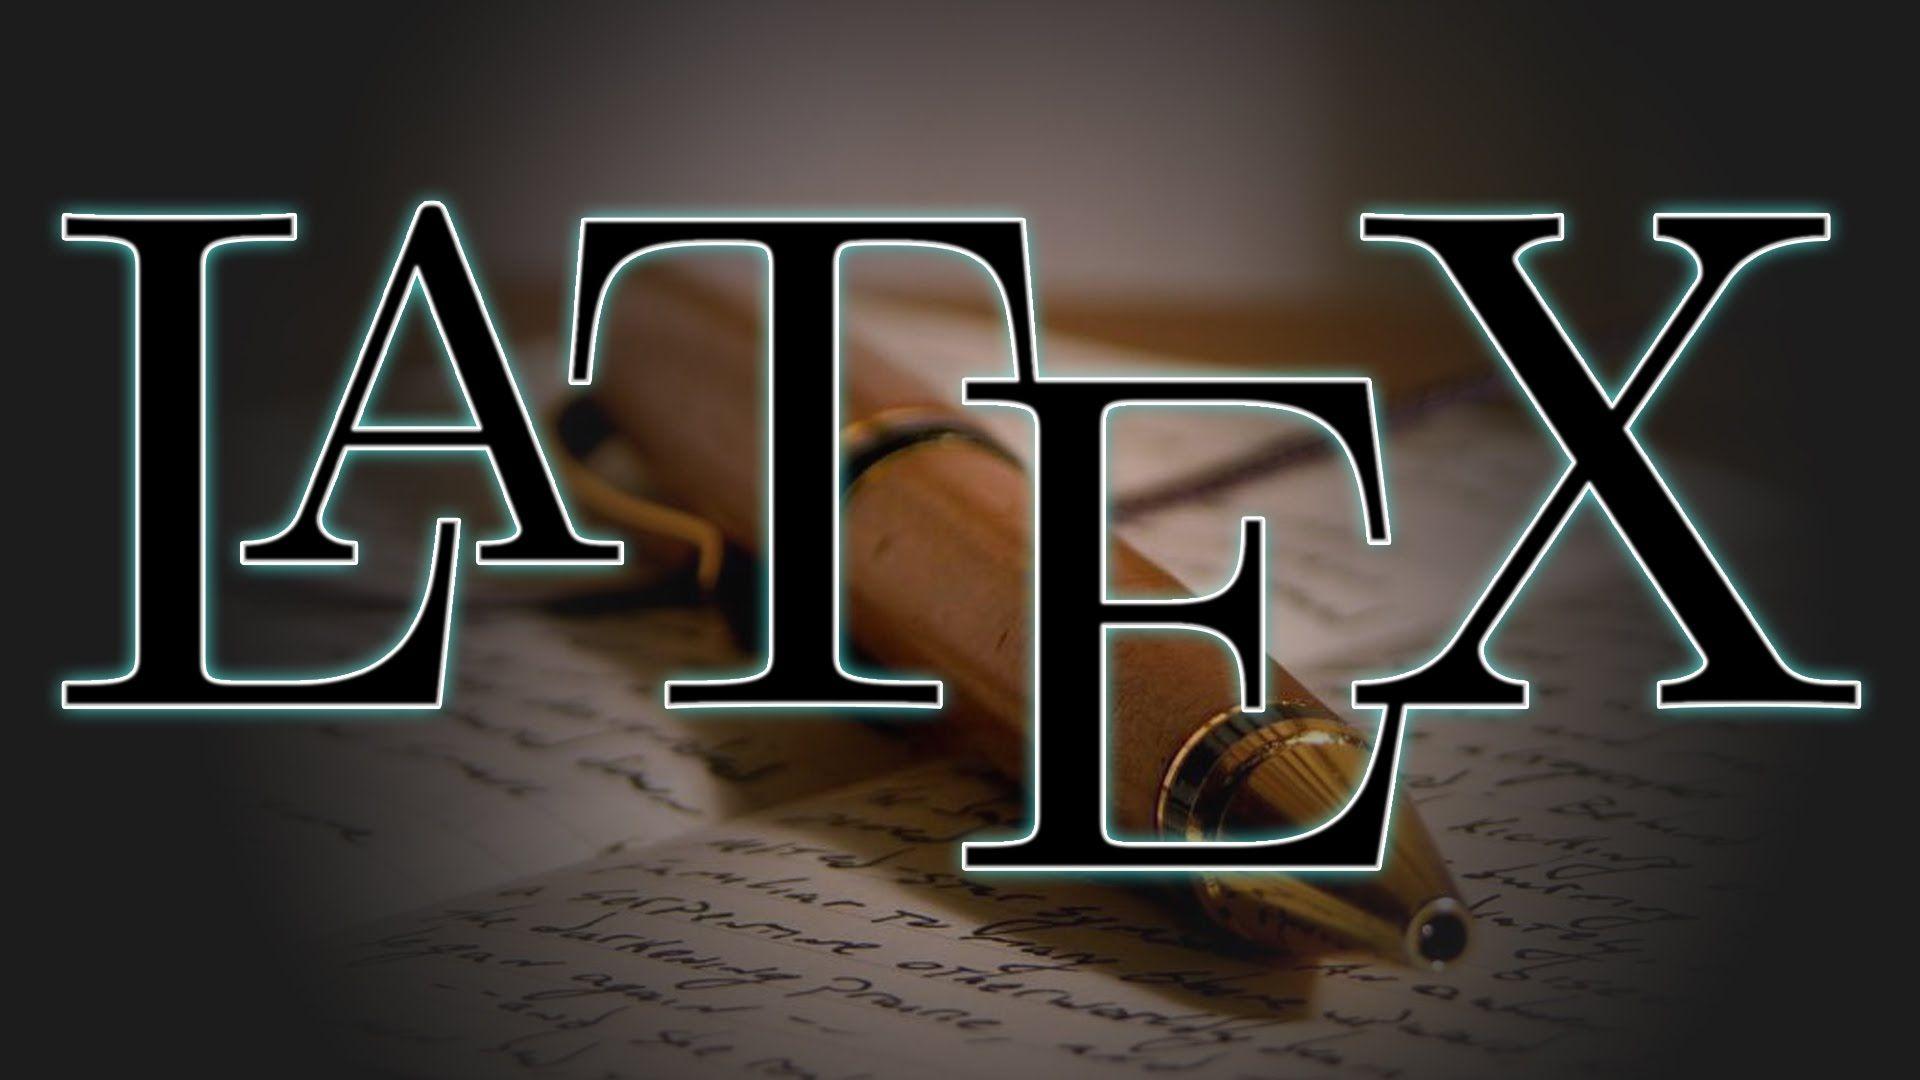 LATEX TEXT EDITOR Curso Basico De LaTeX Nokyotsu